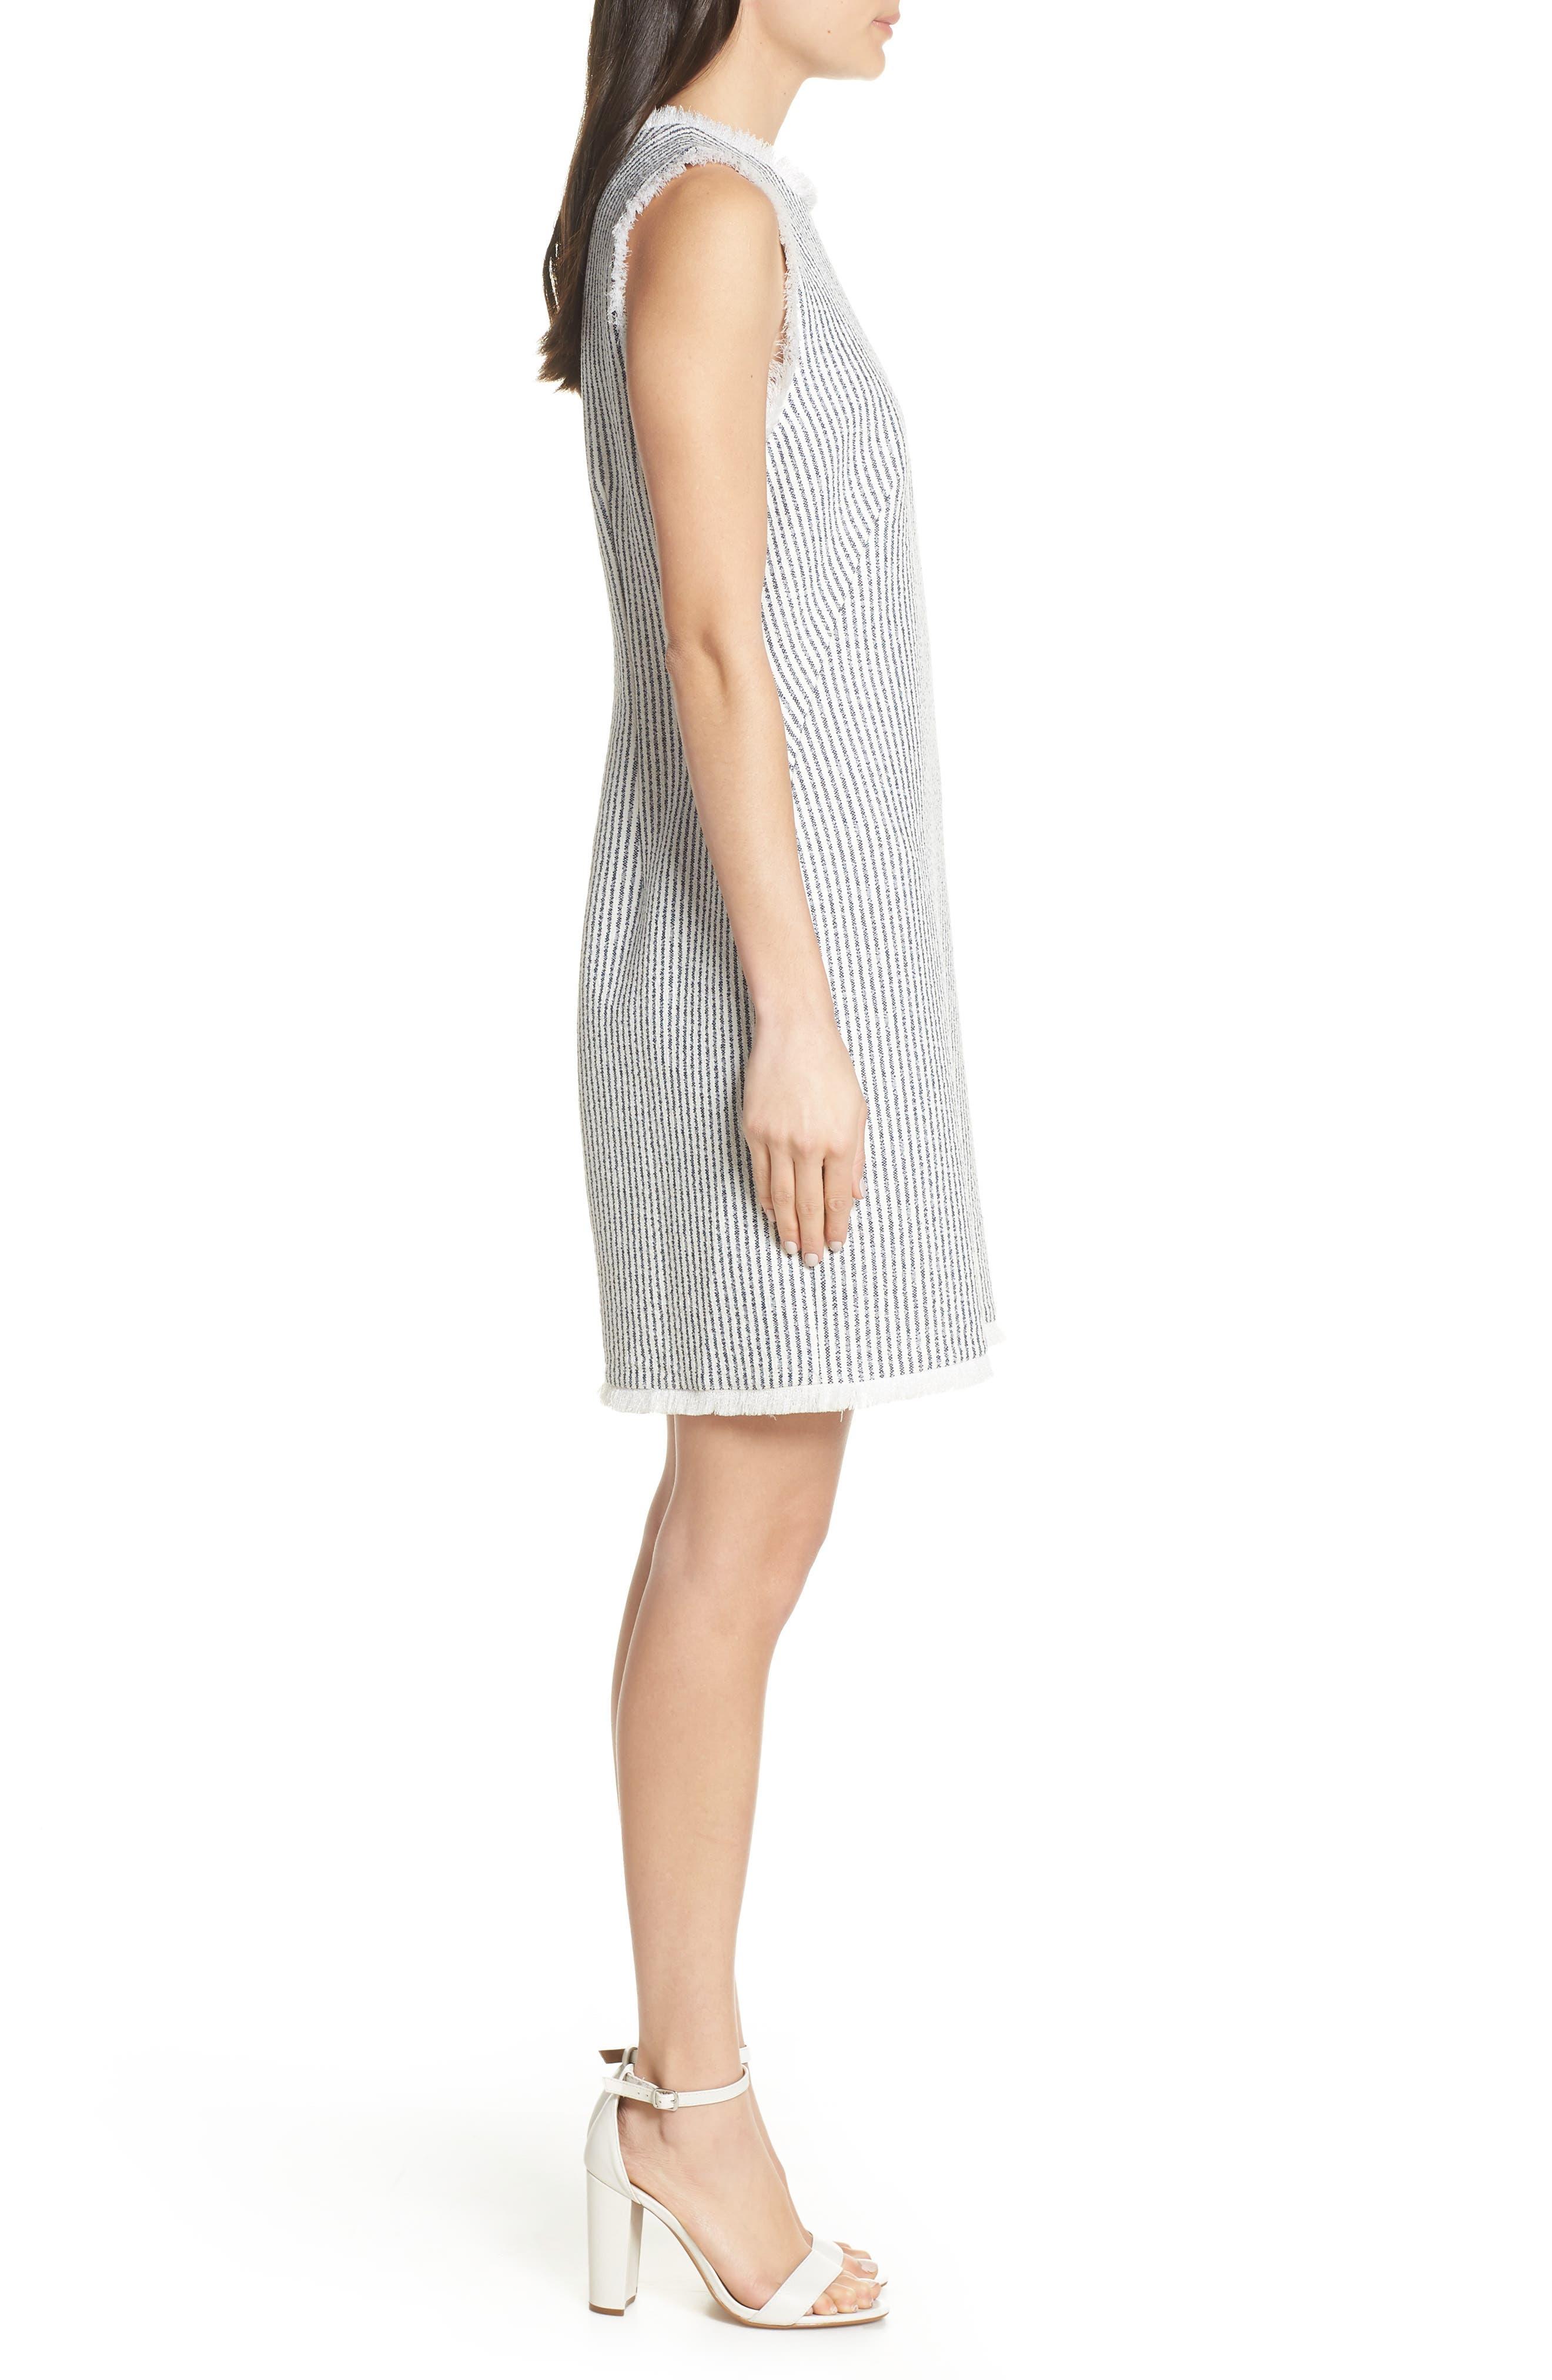 CHARLES HENRY, Fringe Trim Stripe Shift Dress, Alternate thumbnail 4, color, NAVY WHITE STRIPE